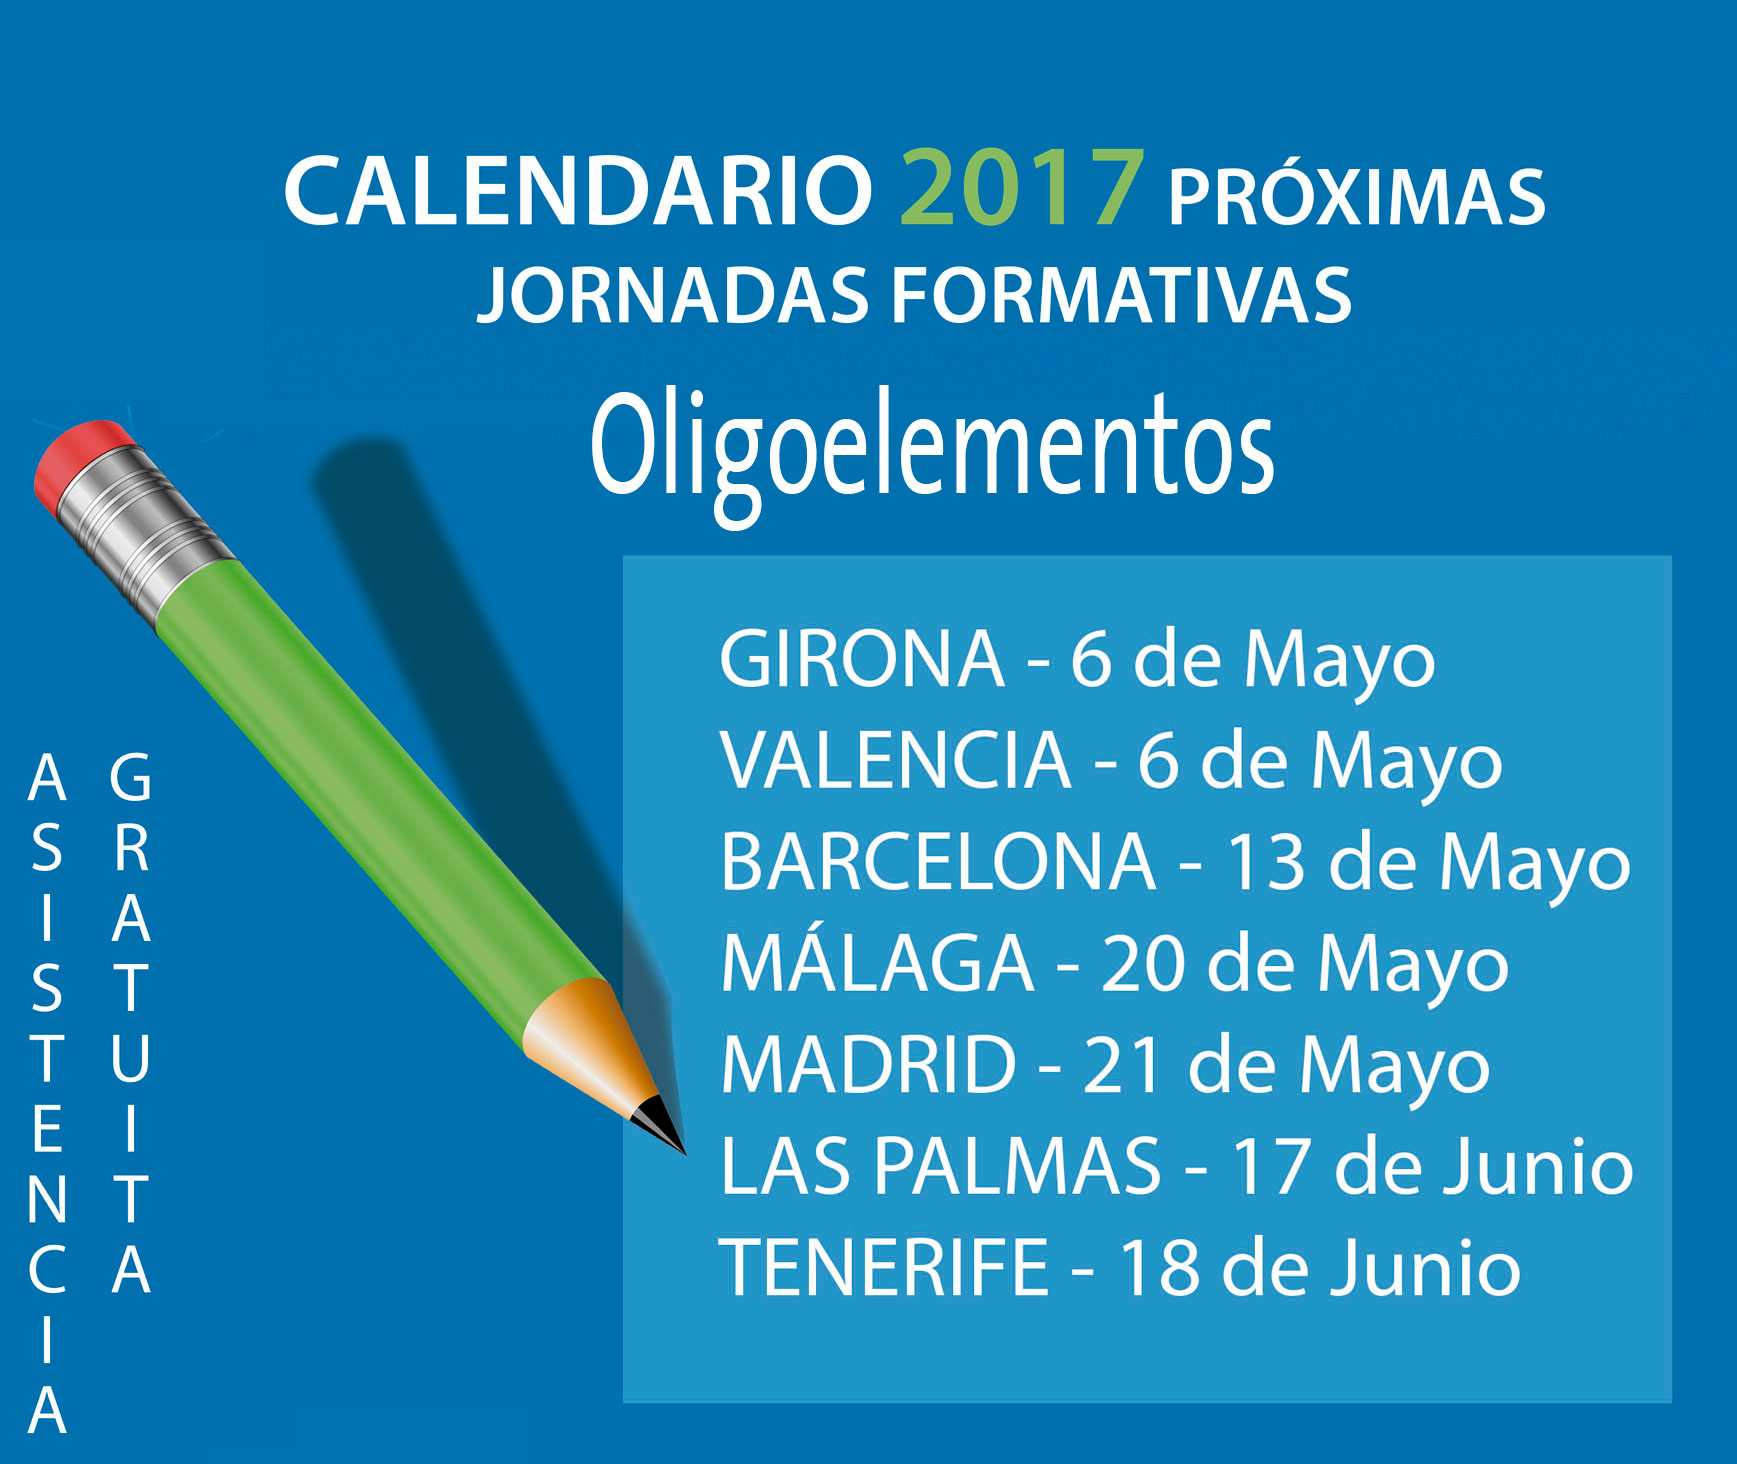 CALENDARIO-OLIGOS-2-act.jpg